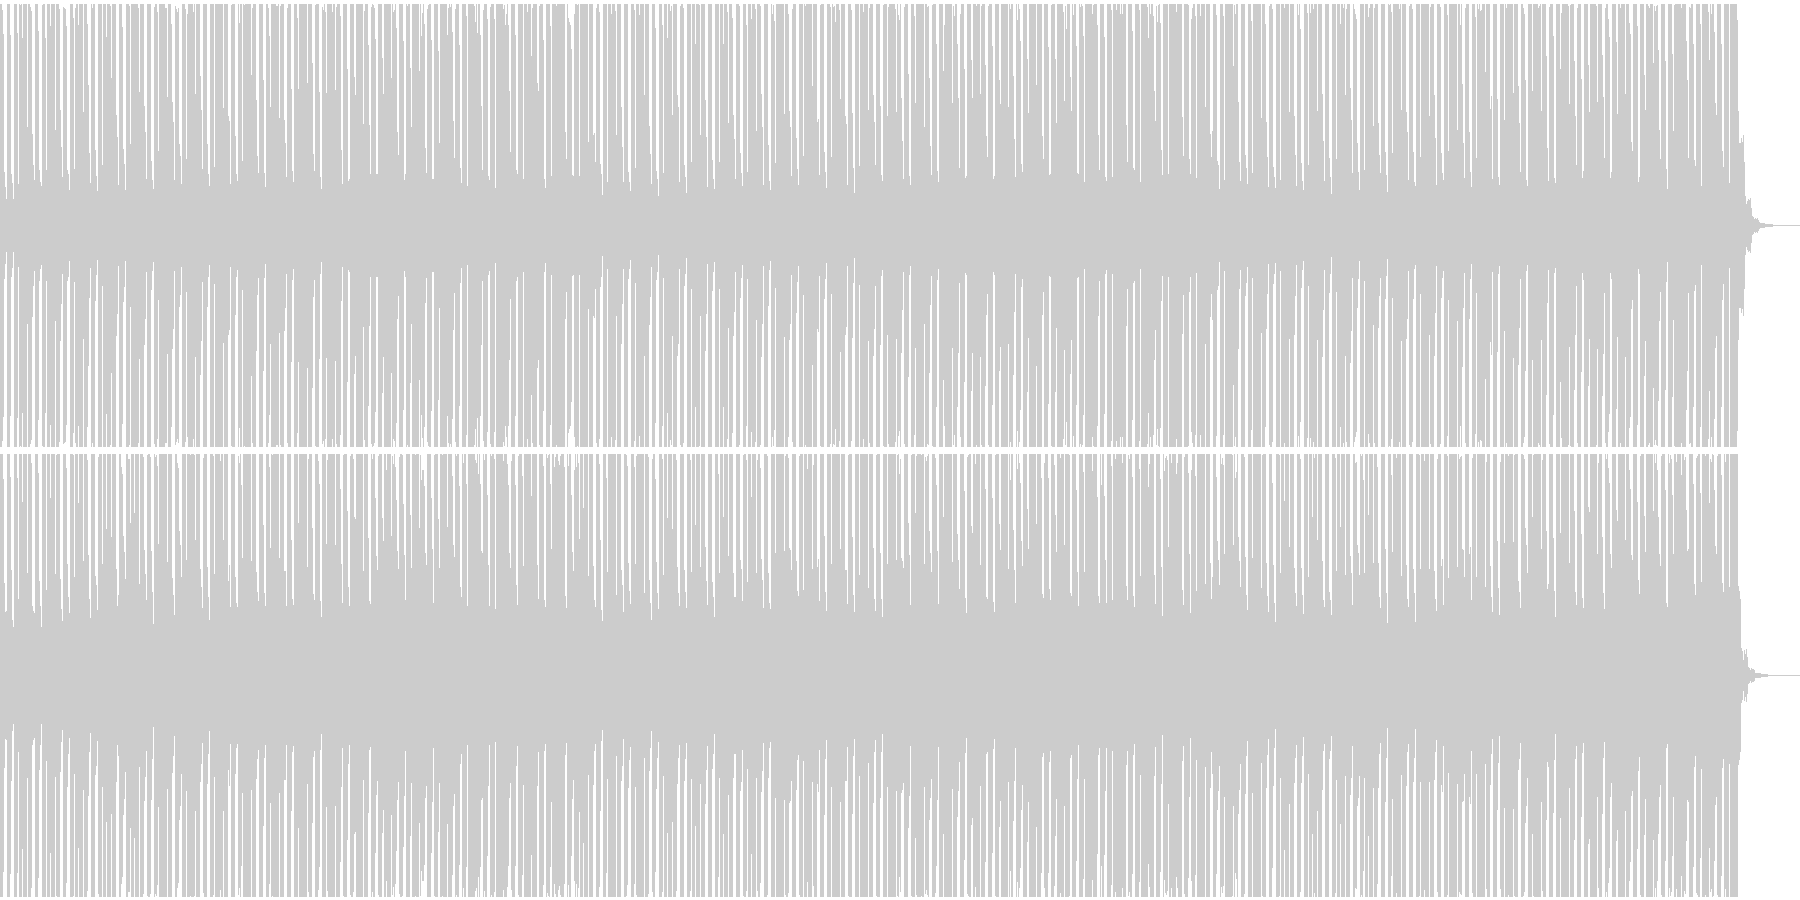 ケロケロフロッグのデンデンリズムの未再生の波形